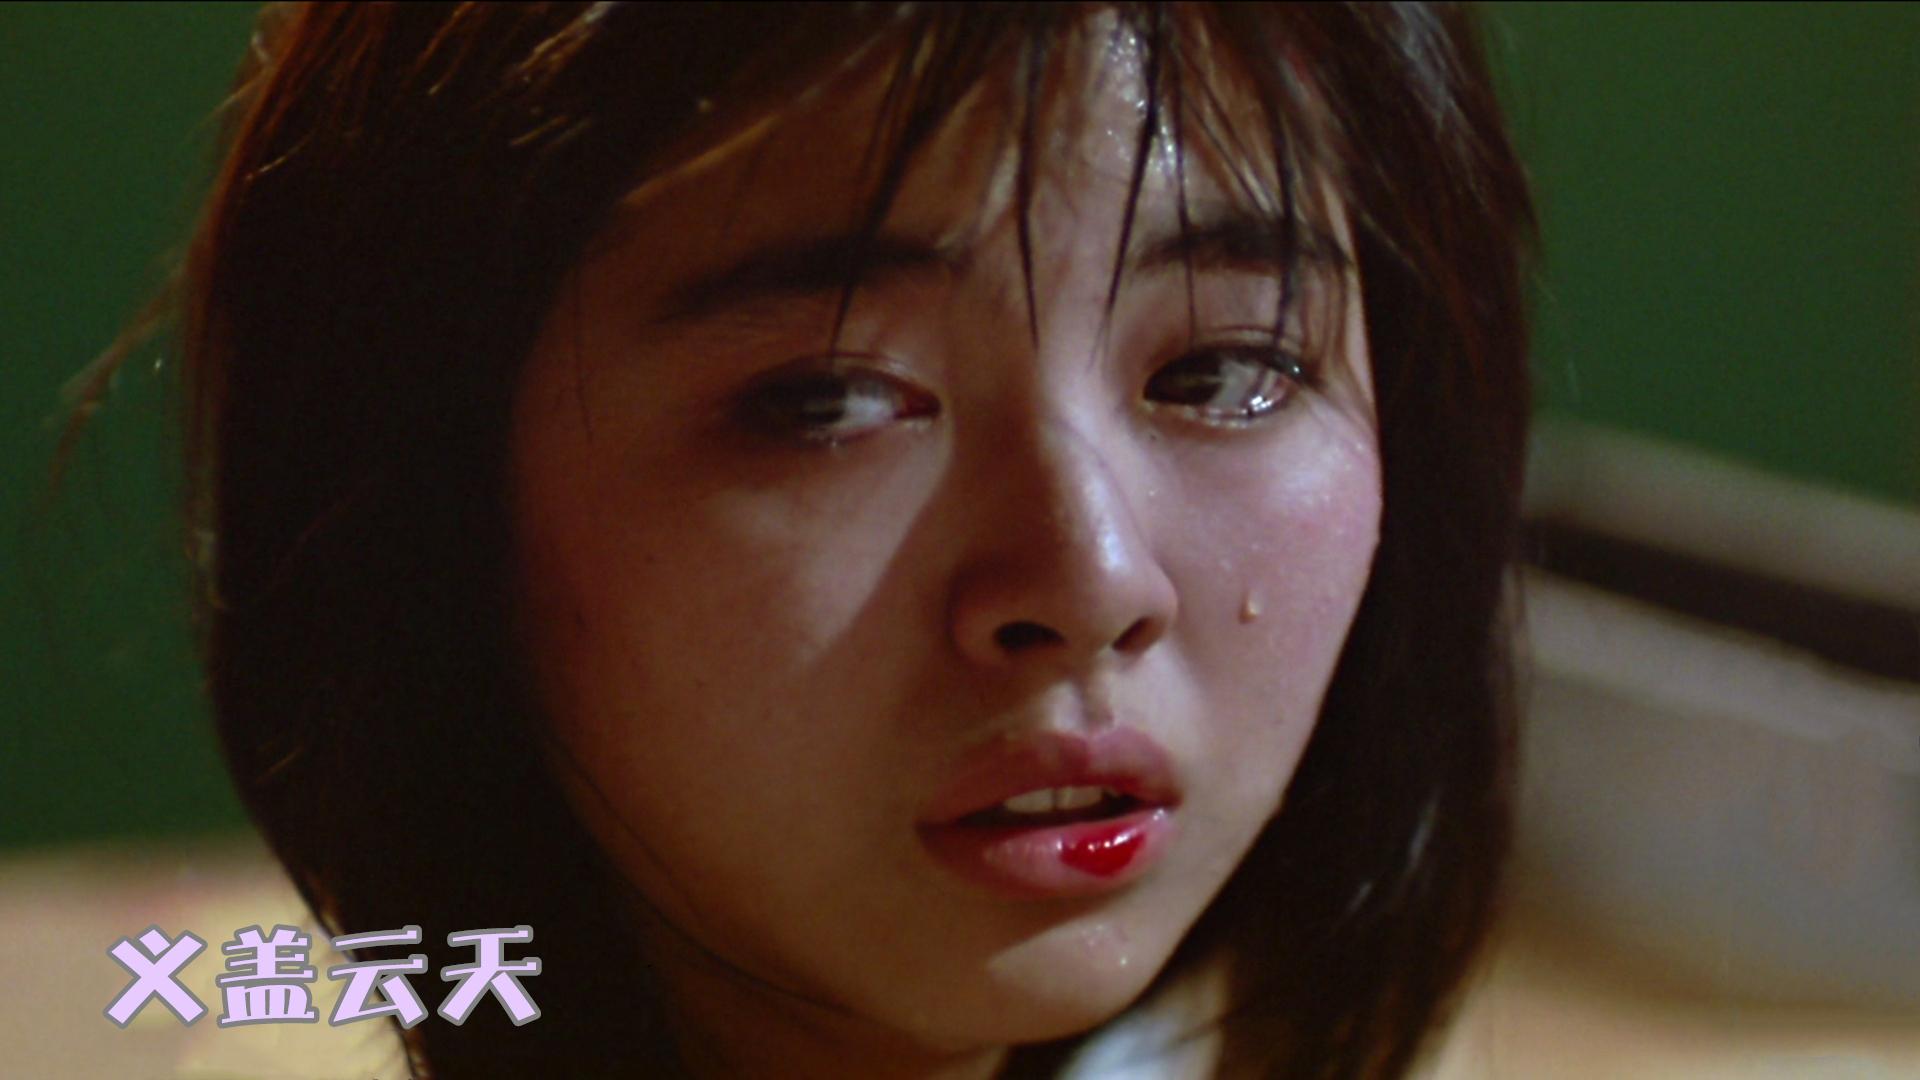 王祖贤破尺度表演的电影,全程不用替身,真是让人大开眼界